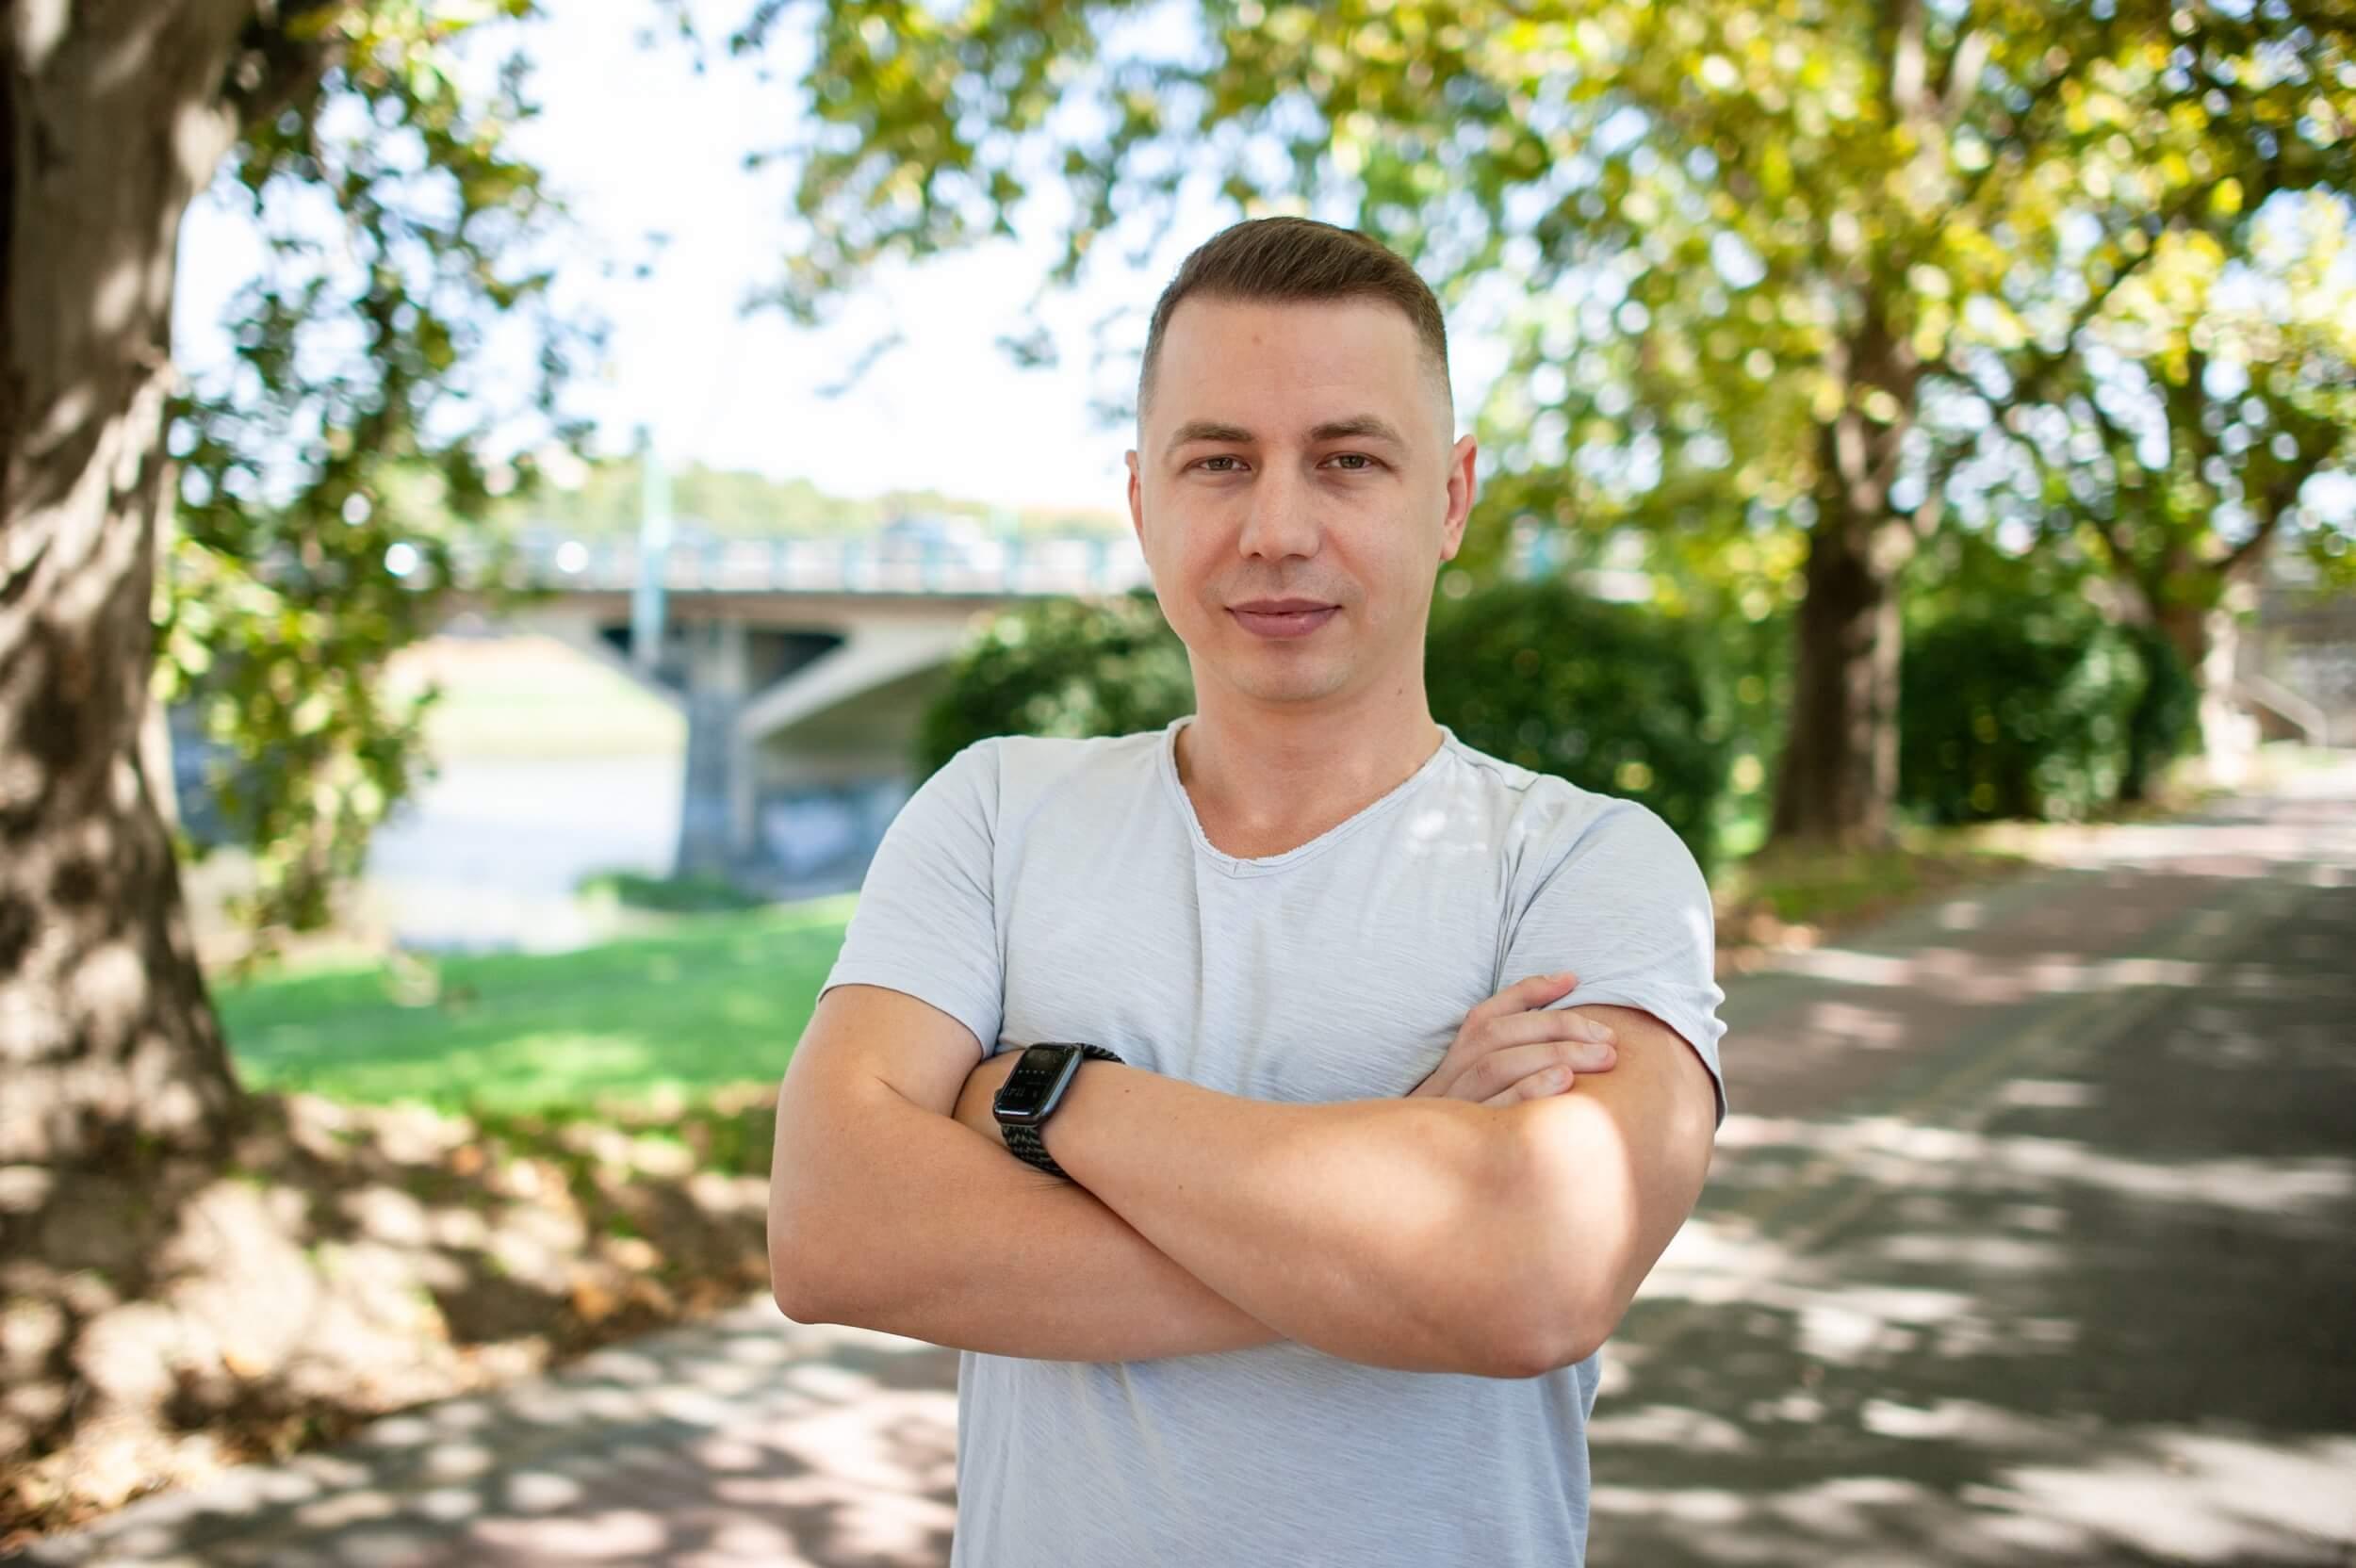 айтівець Віталій Коваленко 042